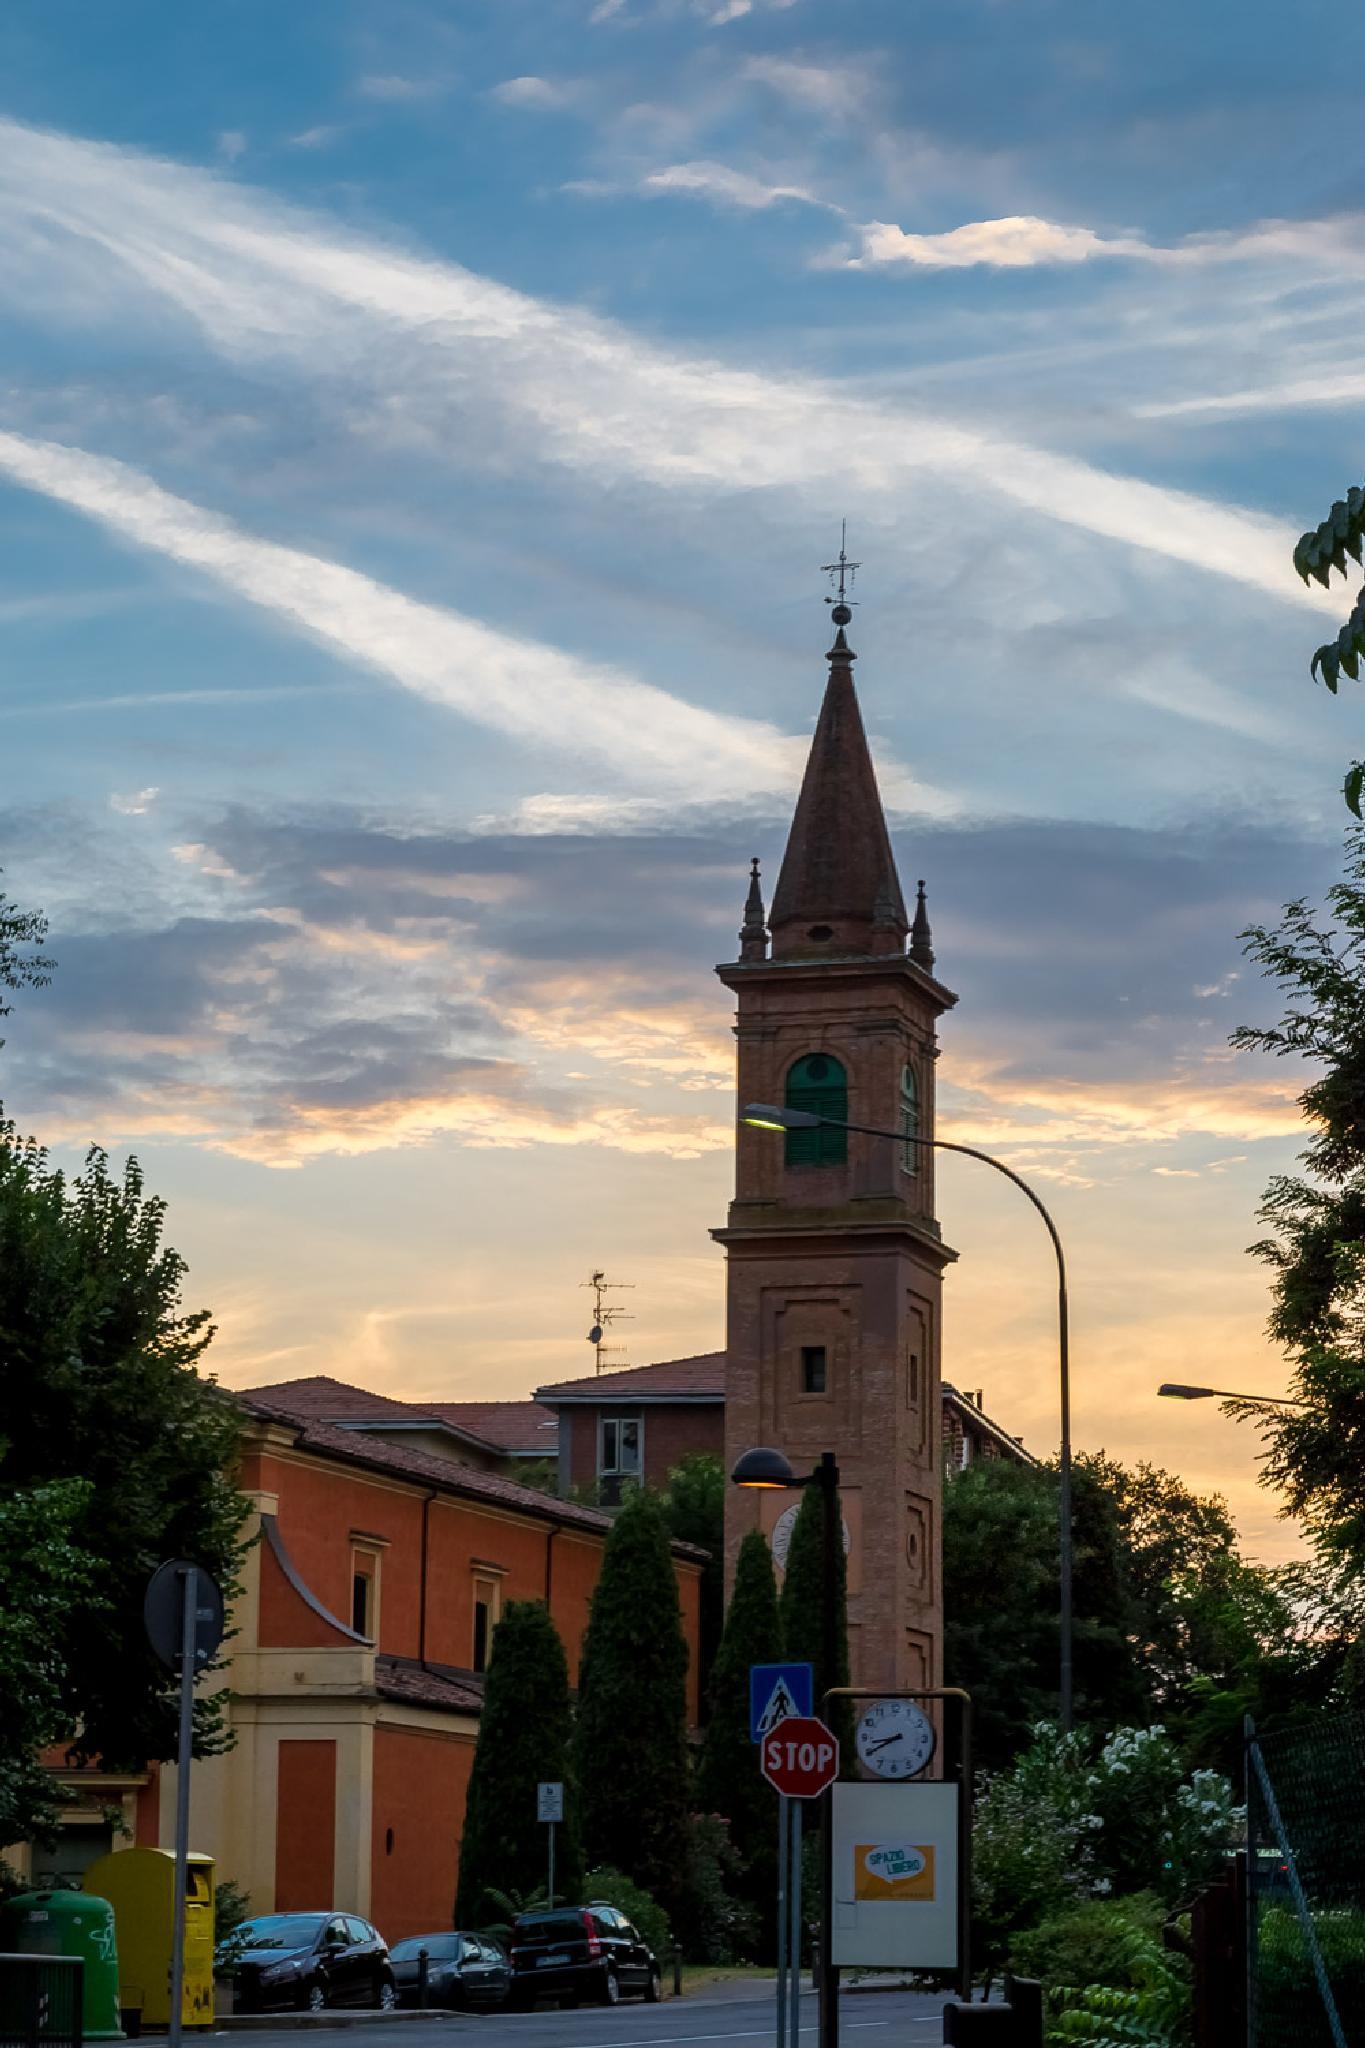 Sunset in #Casalecchio near #Bologna - Tramonto by marco.baciocchi